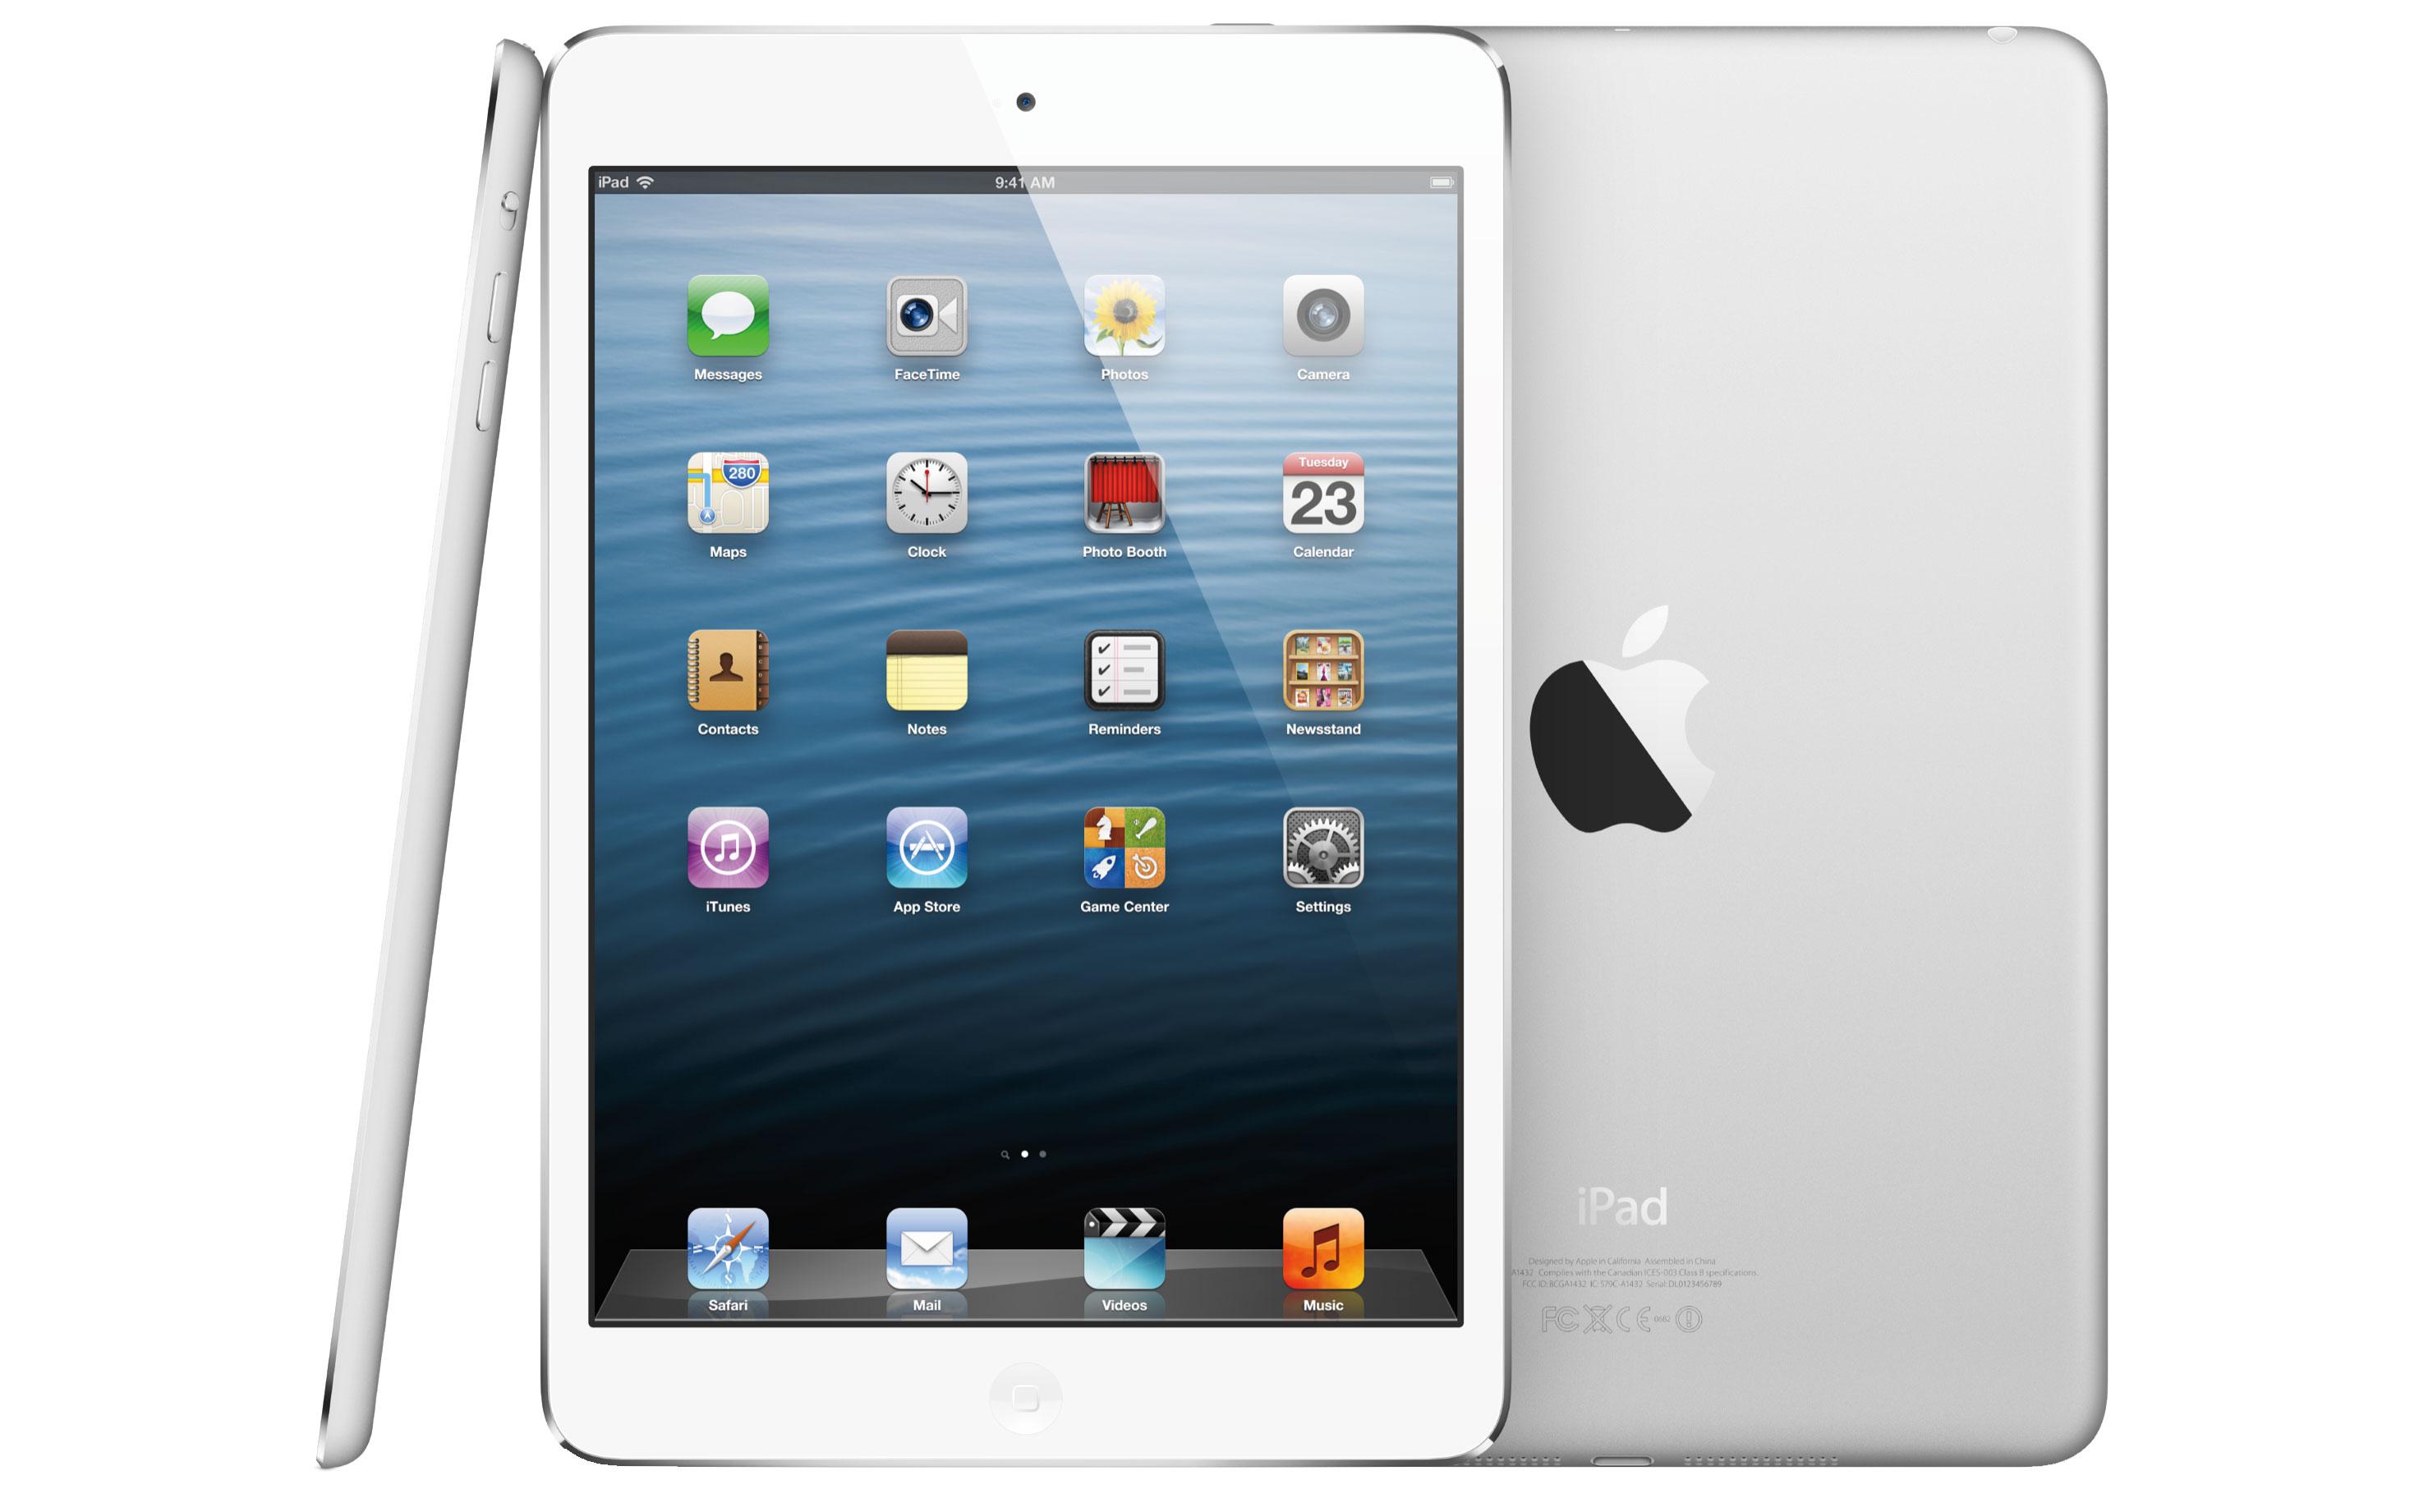 iPad ausspionieren